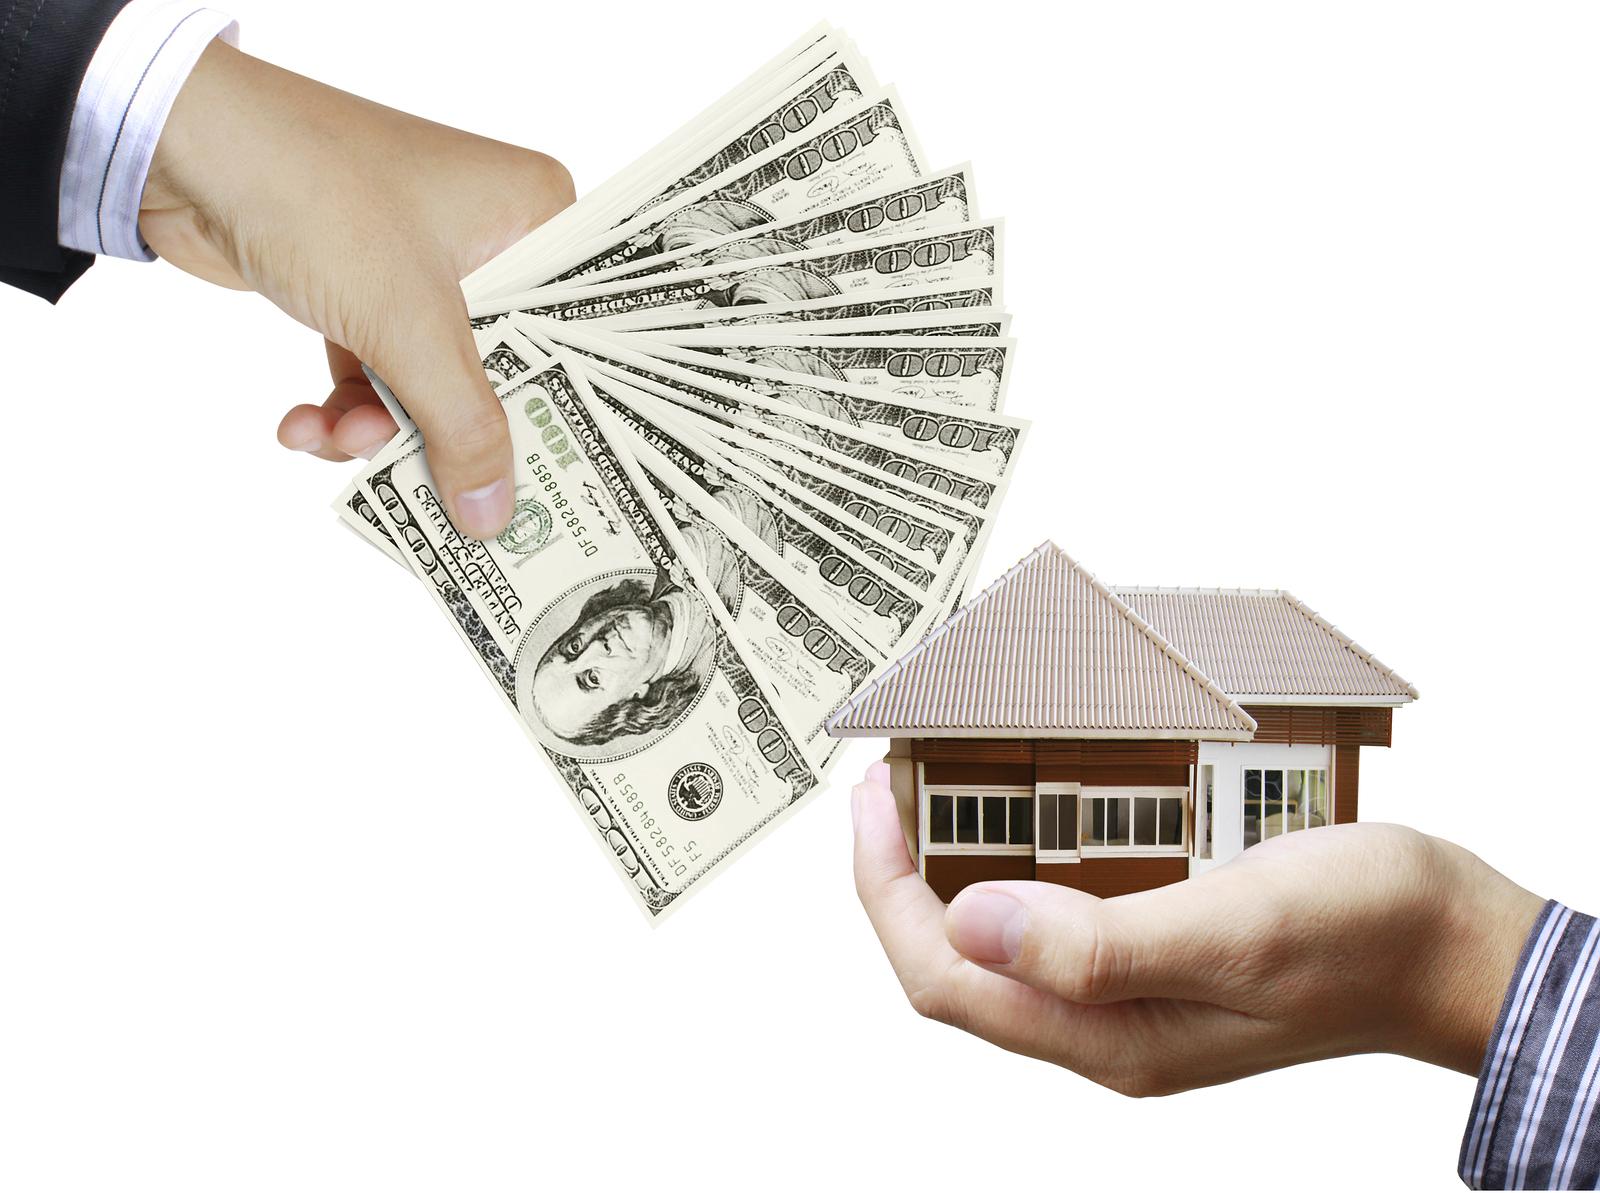 Giá chuyển nhượng là giá mà hai bên mua bán đã thỏa thuận trong hợp đồng